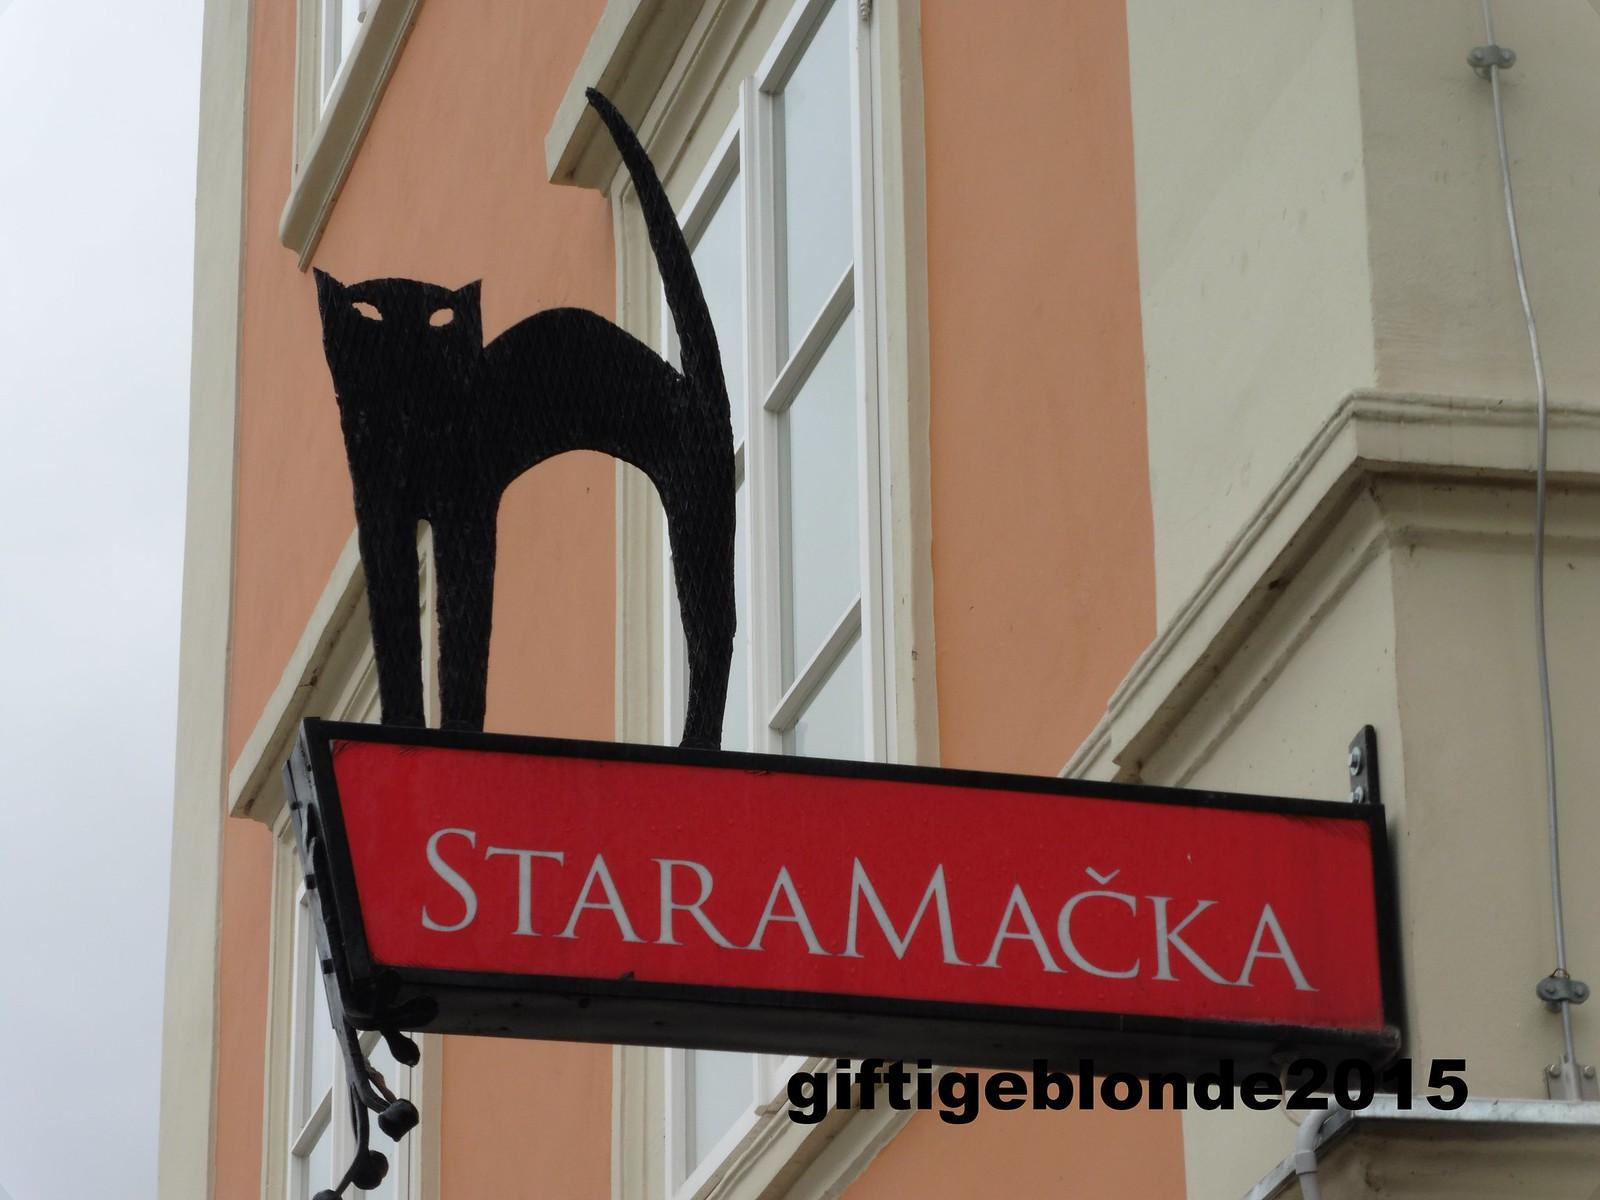 Slowenien, Ljubljana, Staramacka